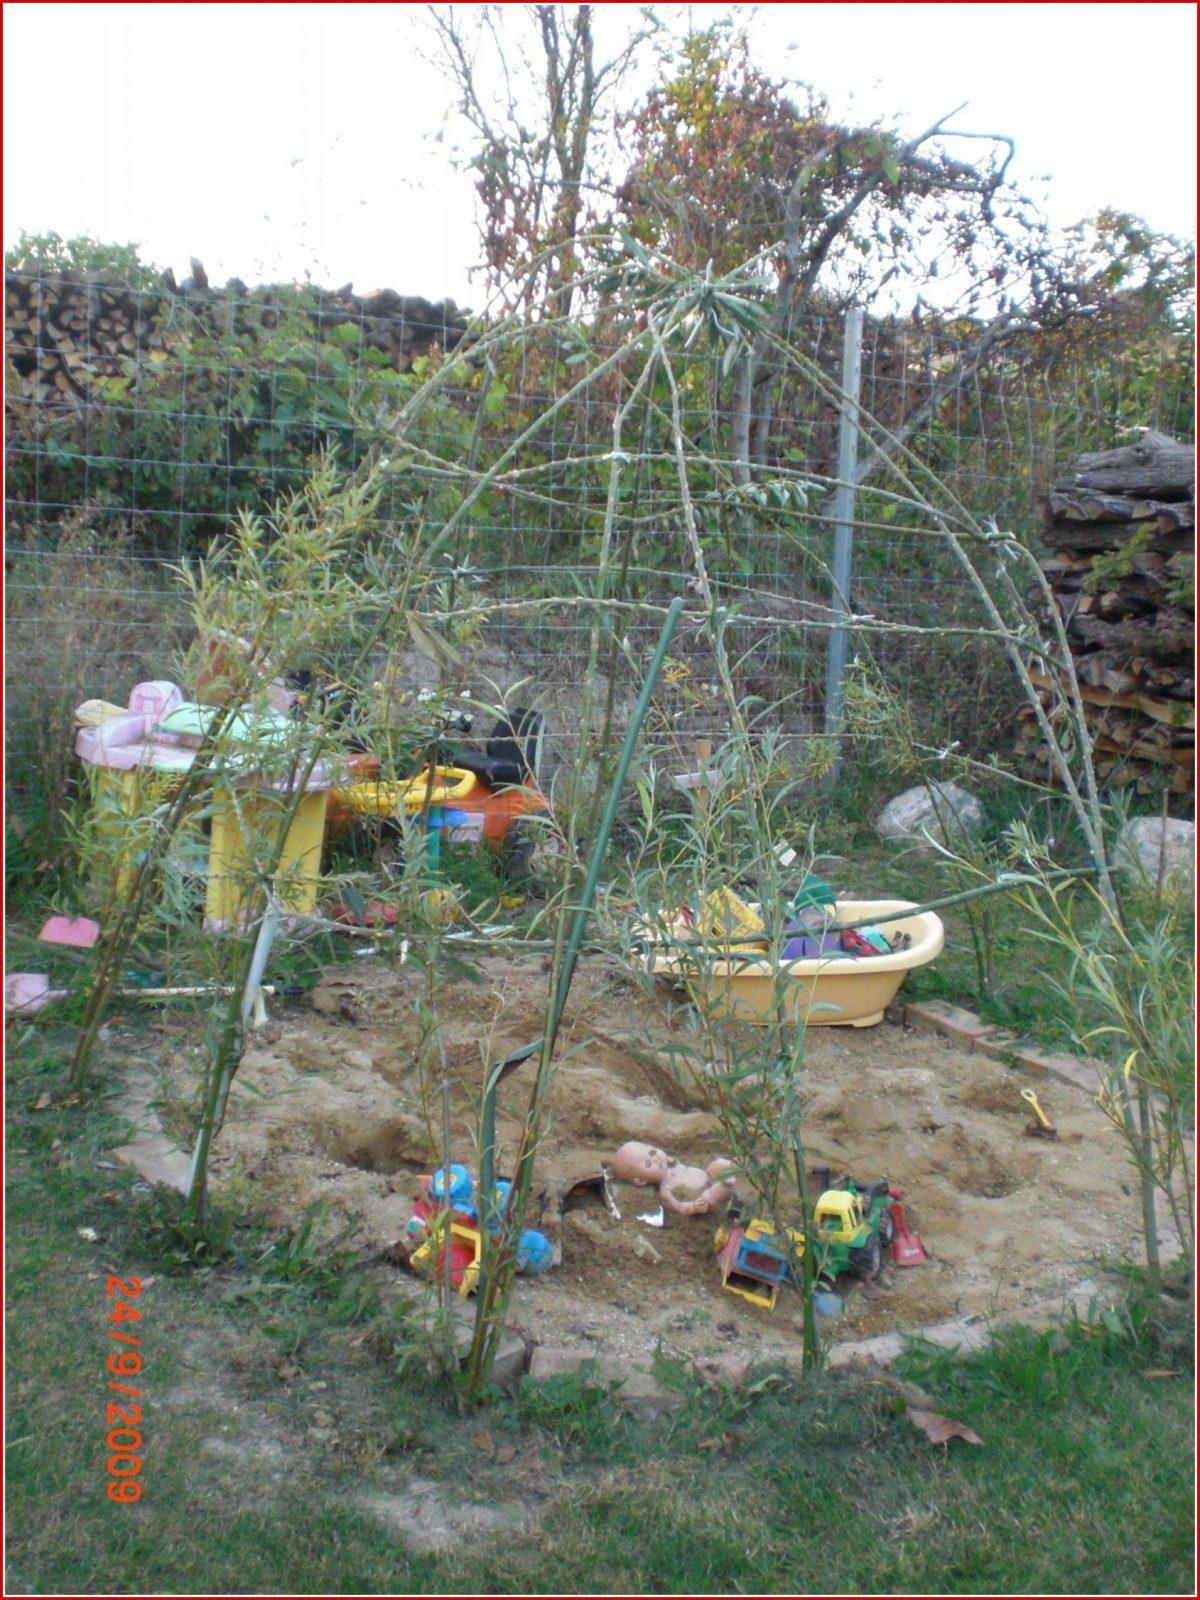 Spielgeräte Garten Selber Bauen Elegant 90 Schönfotografie Das von Spielgeräte Garten Selber Bauen Photo